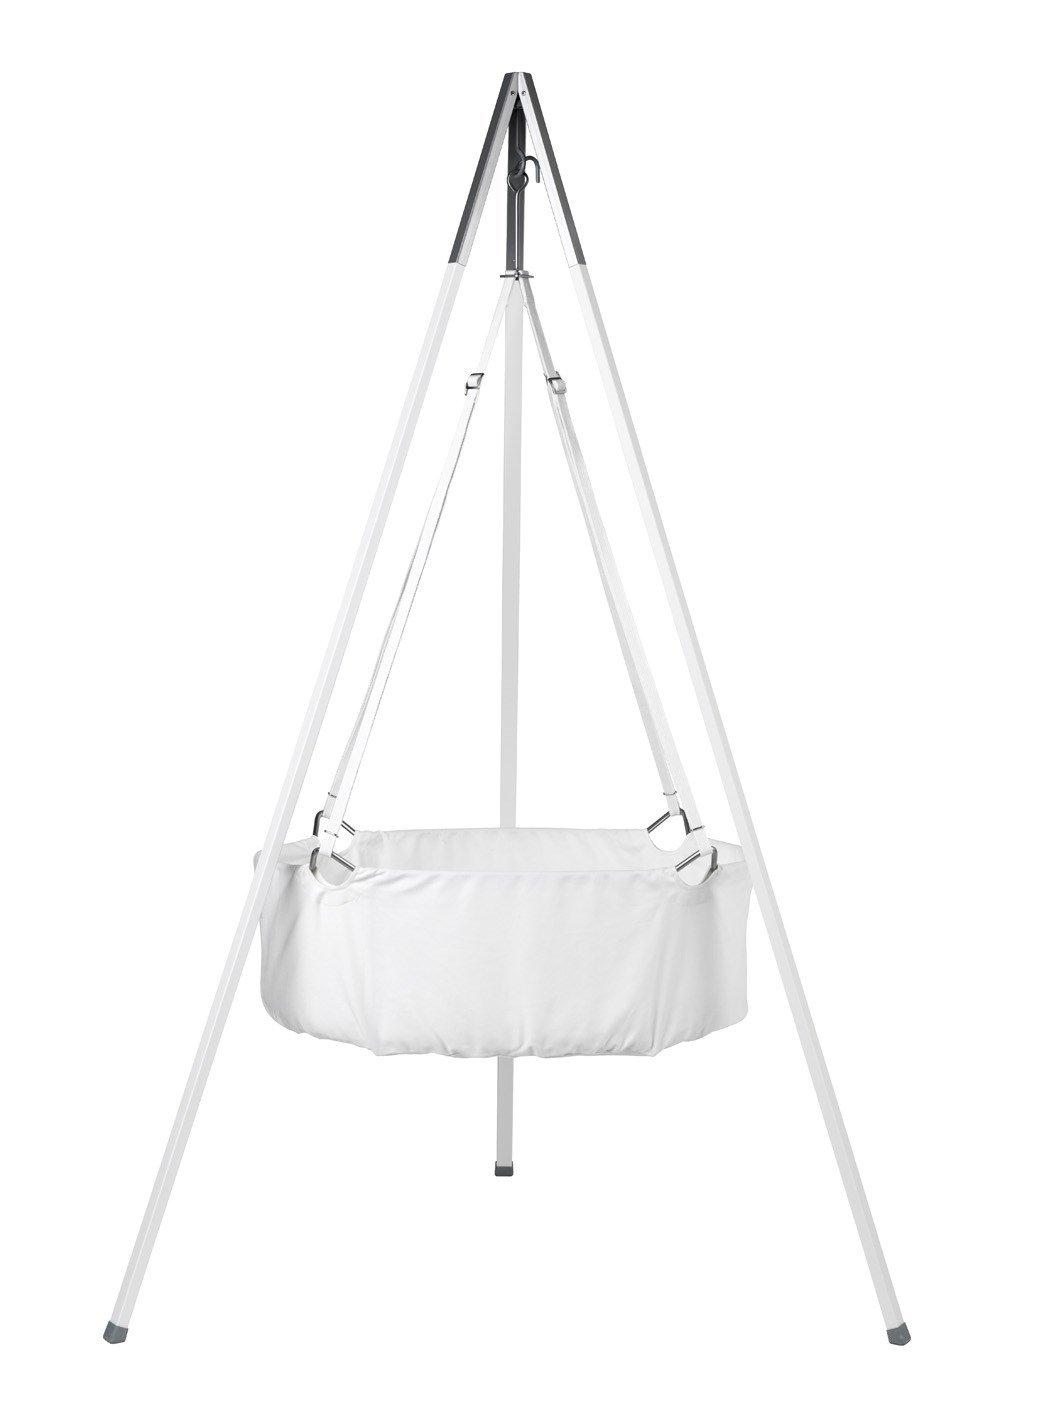 Leander Wiege - Babywiege weiß inkl. Matratze und Deckenhaken - mit Stativ - weiß